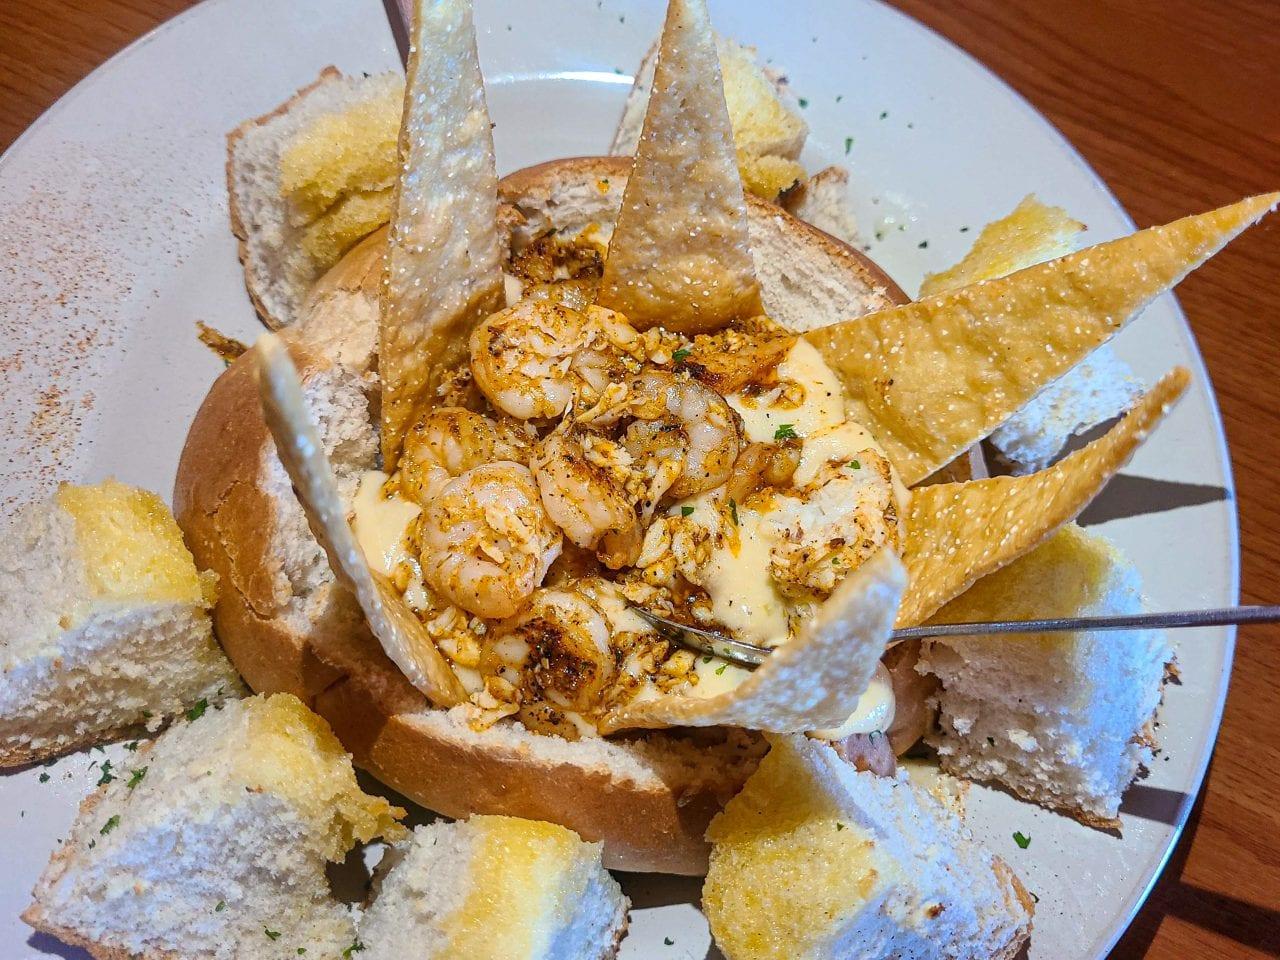 Tia Juanita's shrimp and crab dip